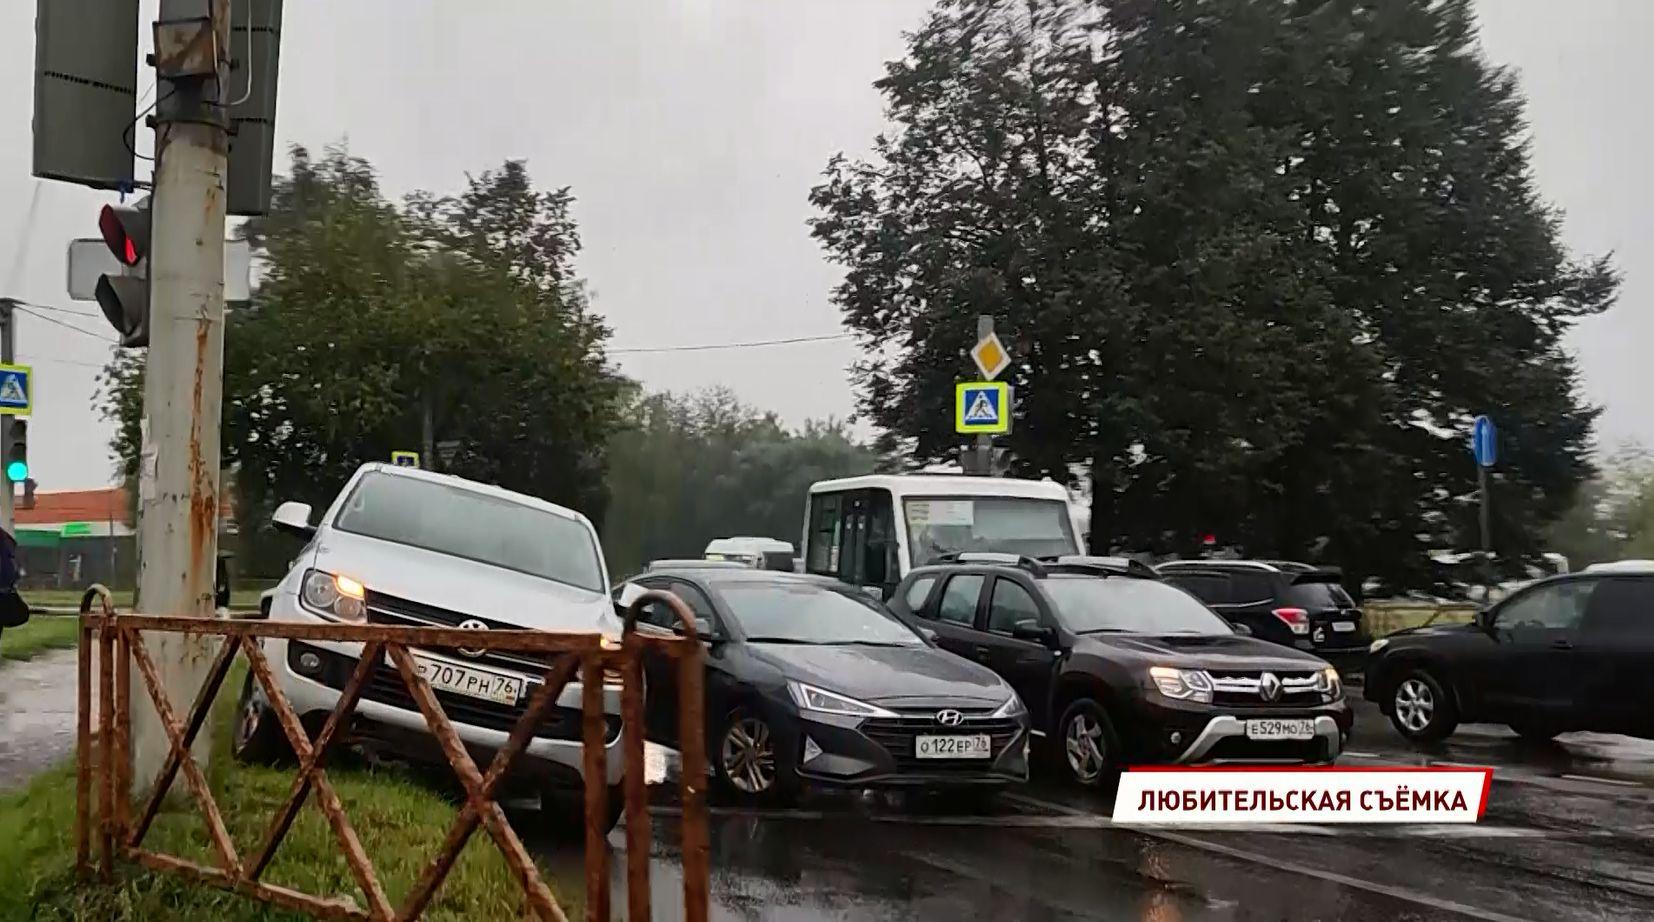 На улице Дачной в Ярославле не смогли разъехаться легковушка и внедорожник